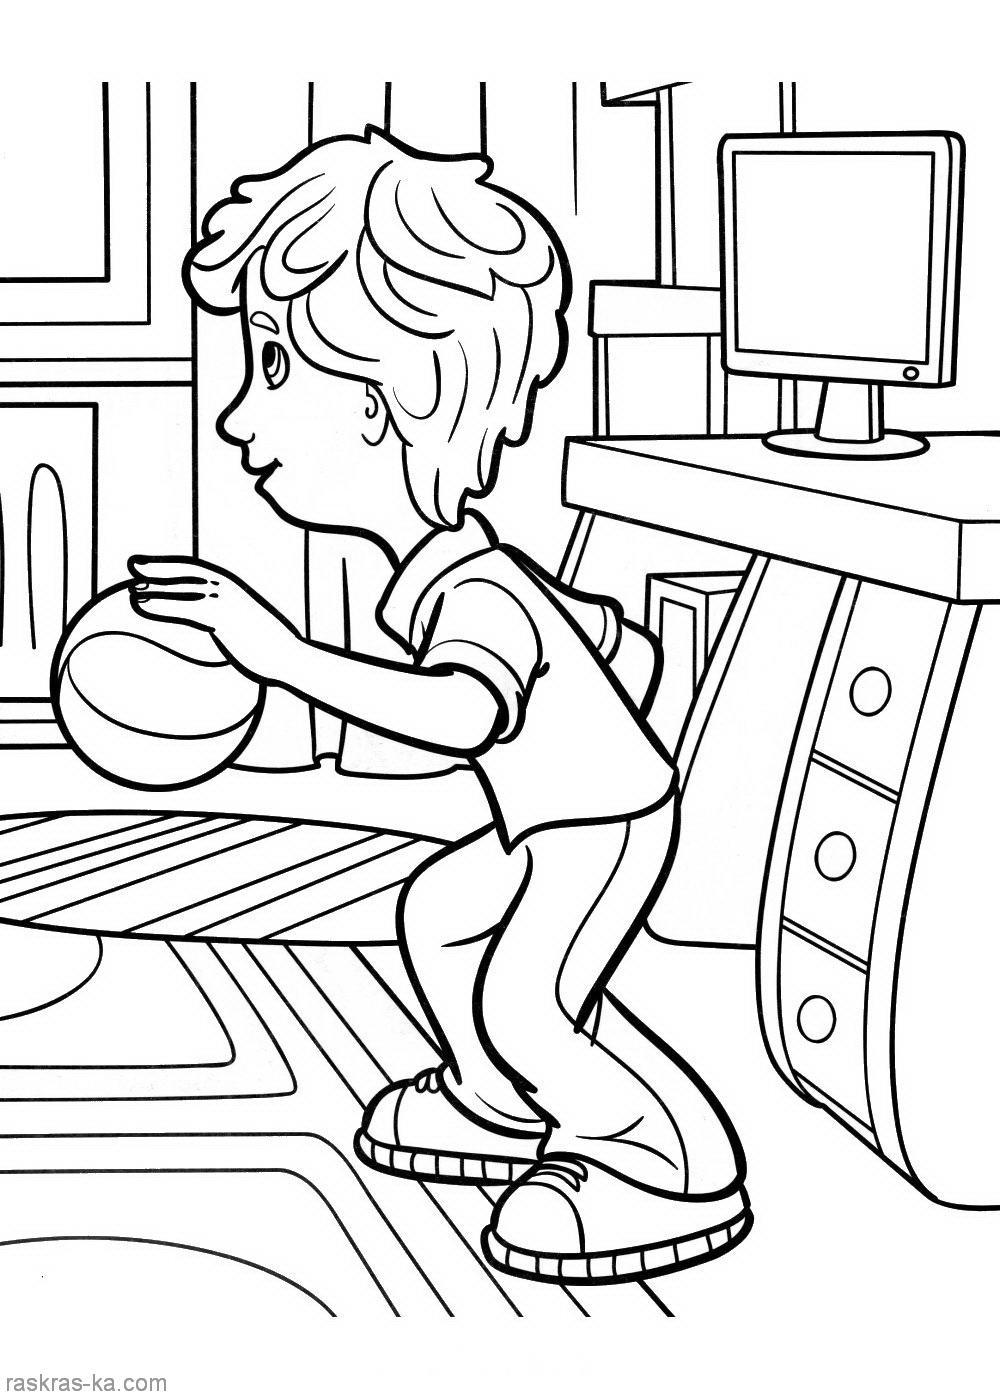 раскраски из отечественного мультфильма для детей на тему ...